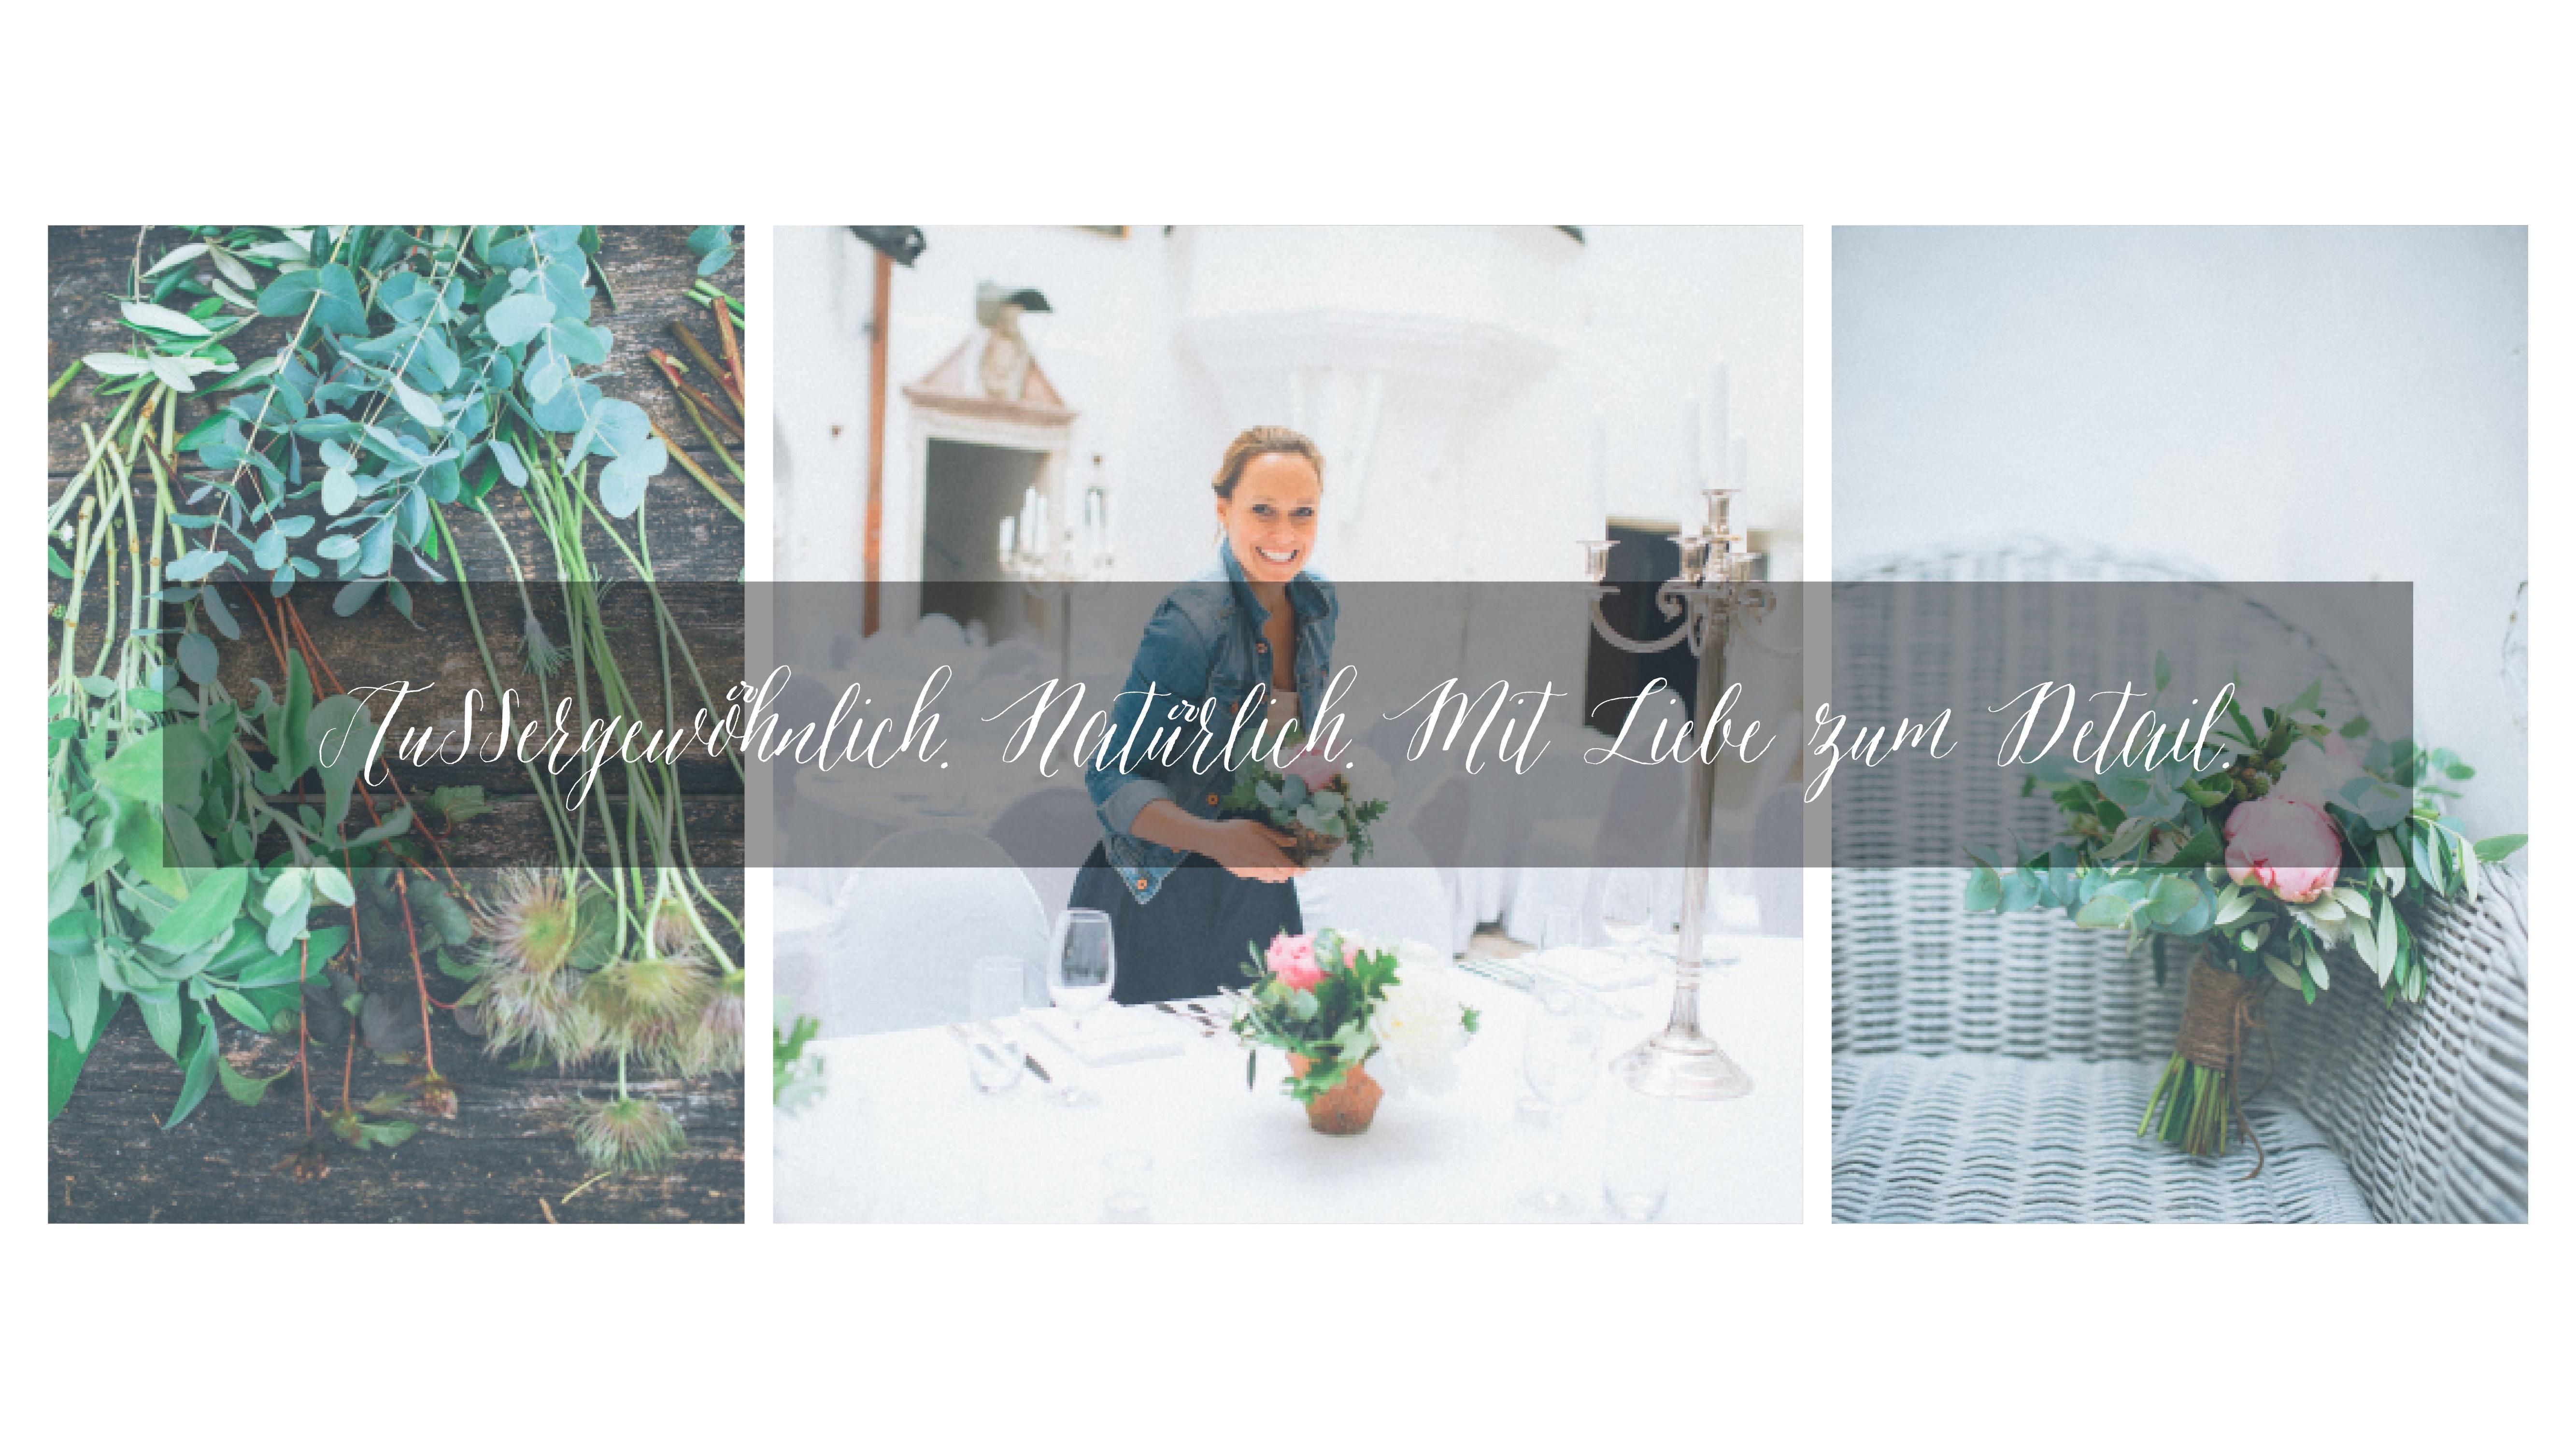 hochzeitsdekaoration München ivy&olive, Hochzeitsdeko, Brautstrauß, Eventdesign, Blumen, Hochzeit